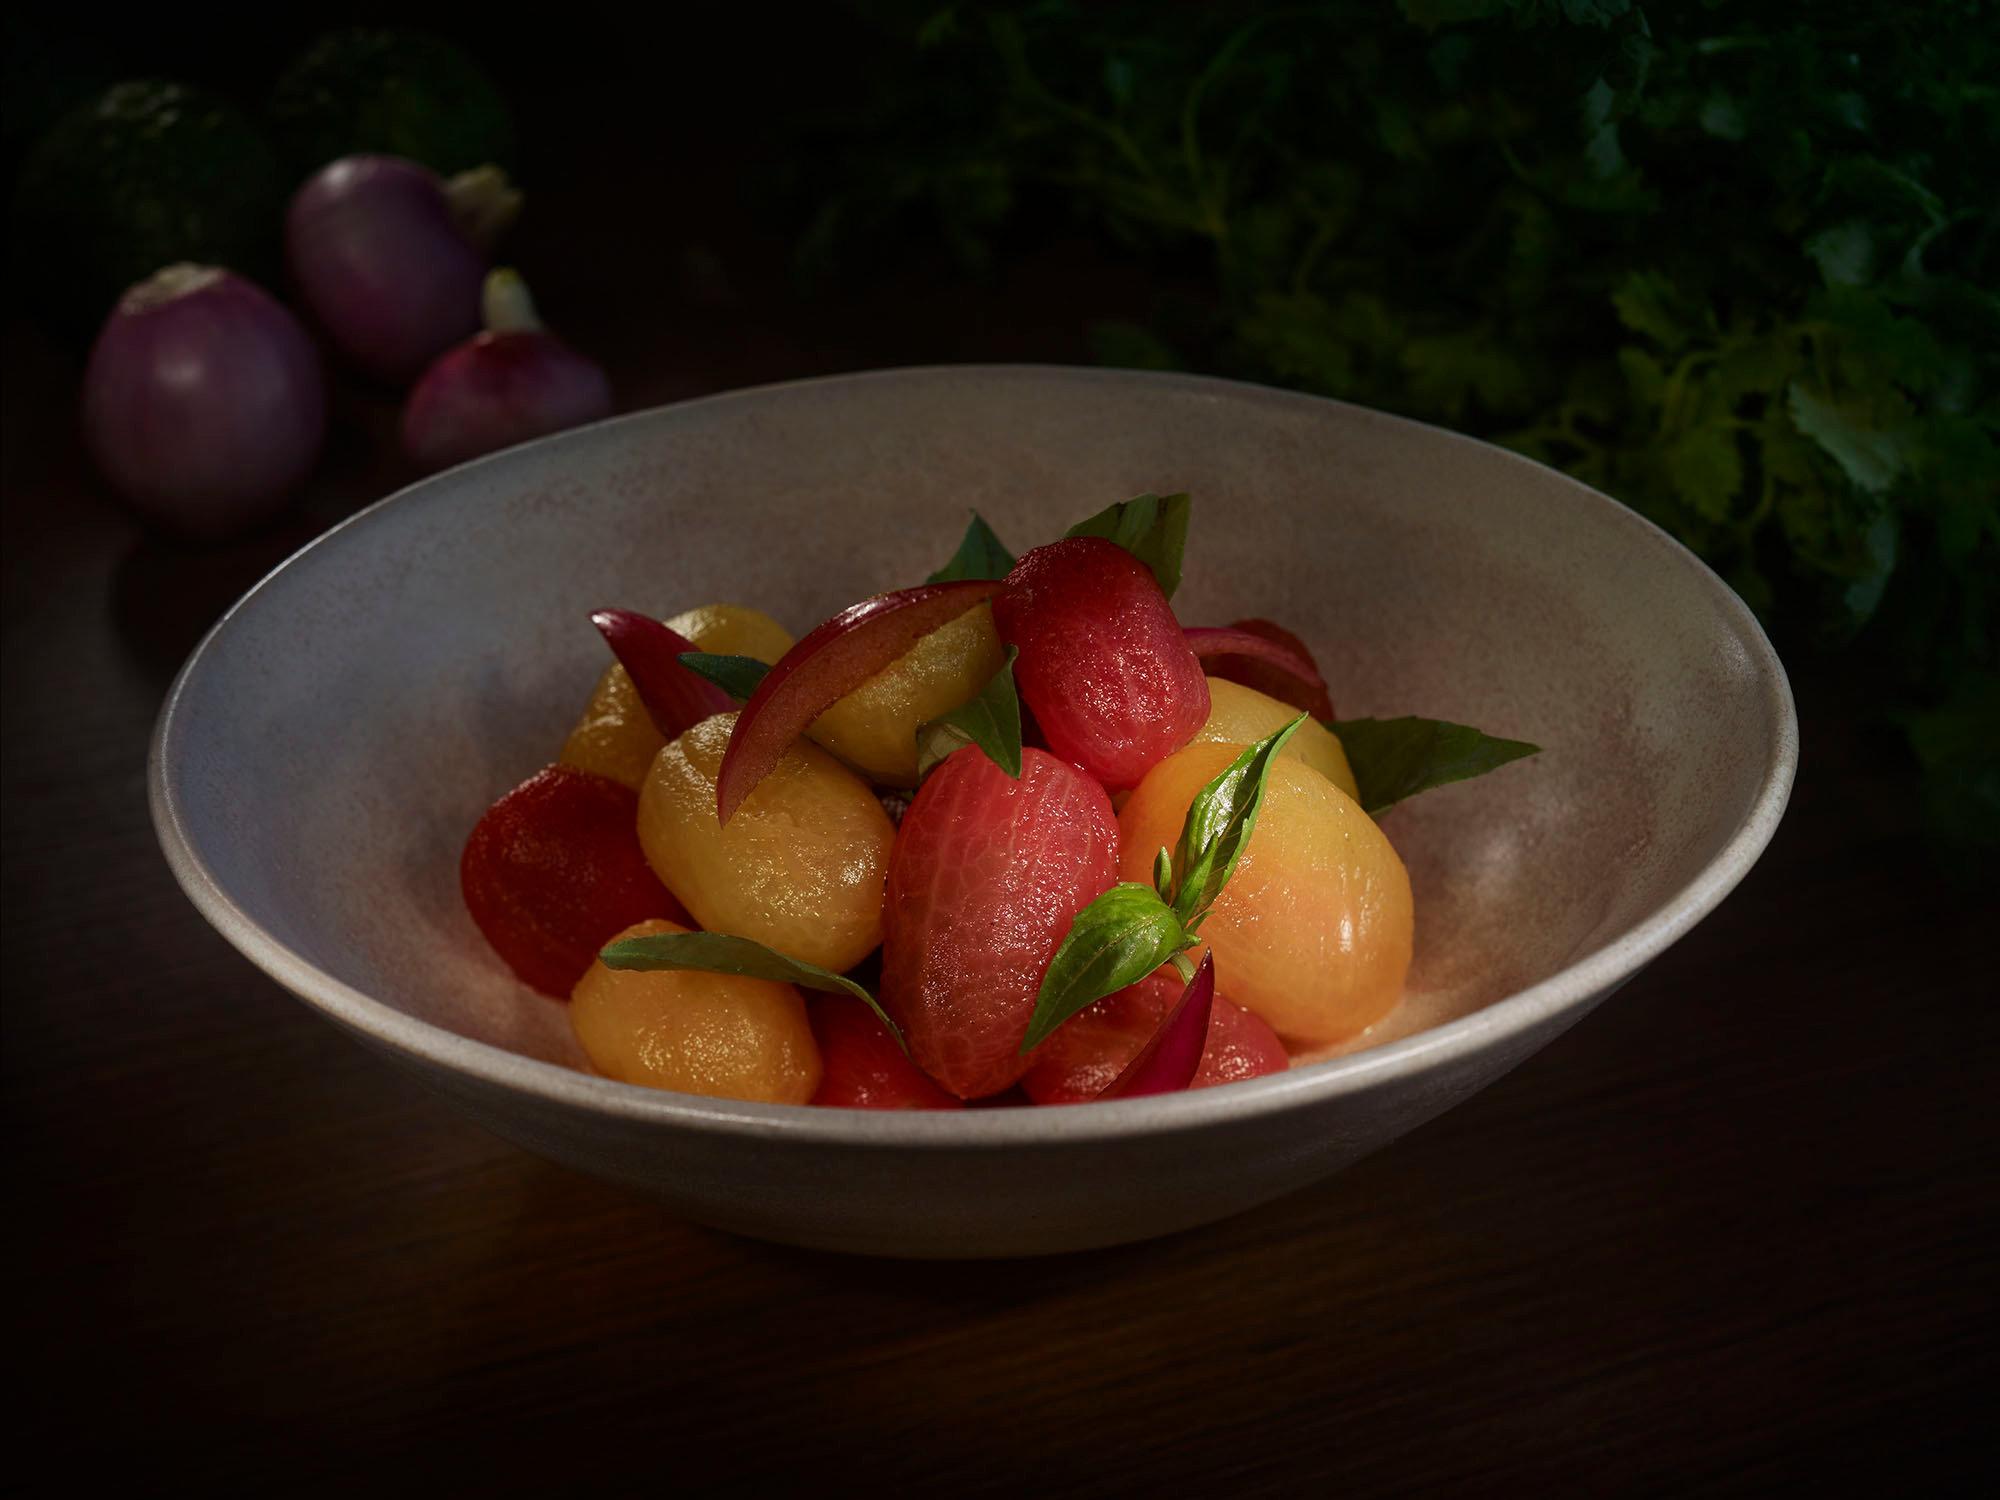 Tomato-main.jpg